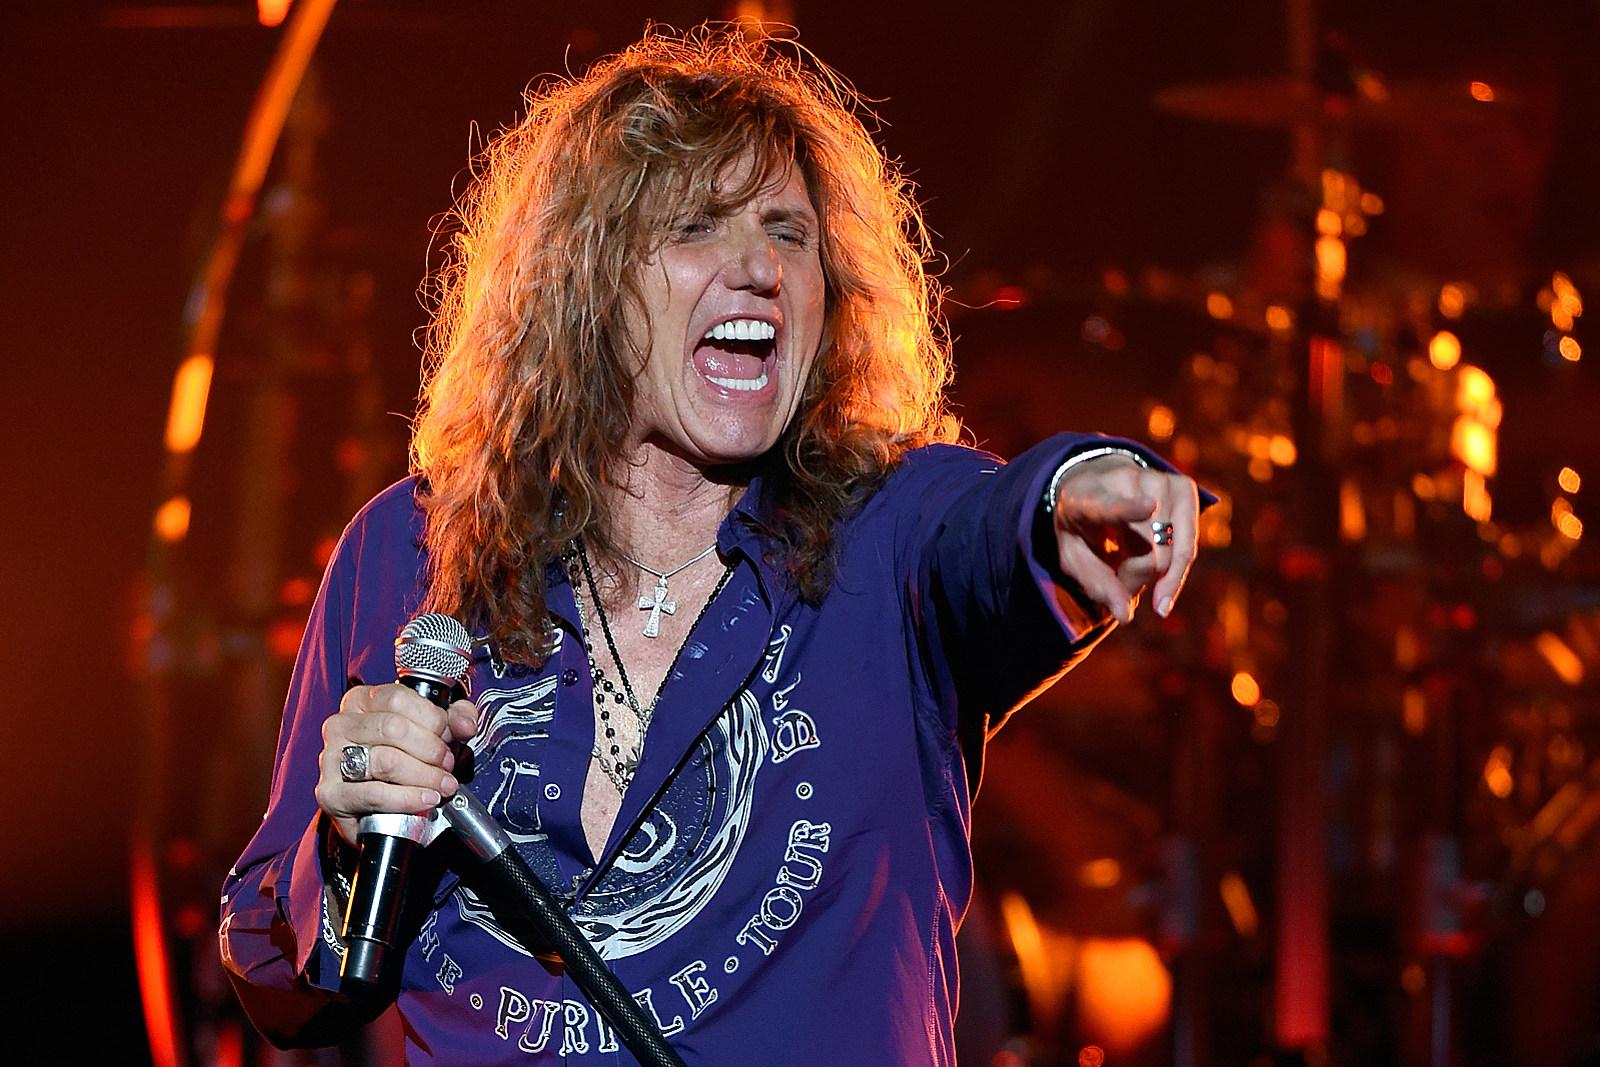 Top 10 Whitesnake Songs